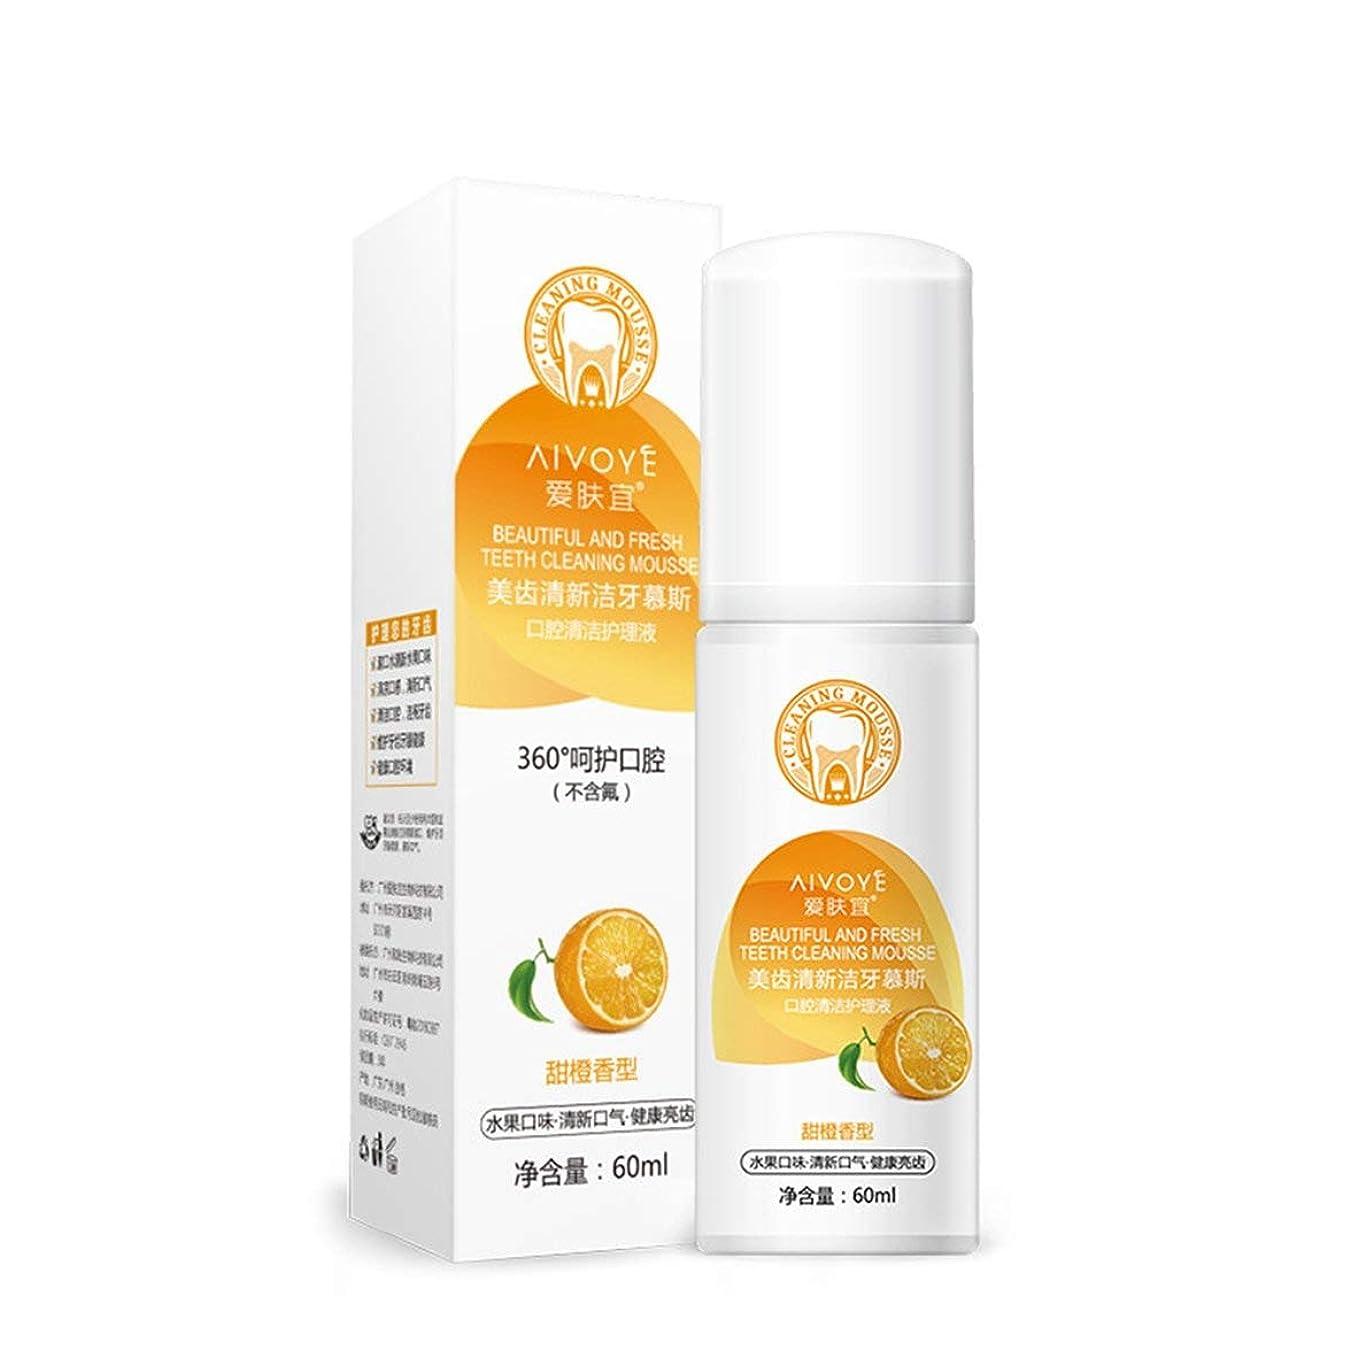 インク検出可能攻撃的オレンジハーブミント新鮮な歯磨き粉は歯肉炎歯磨きをきれいにして清潔な歯を磨きます汚れ口臭プラーク - オレンジ